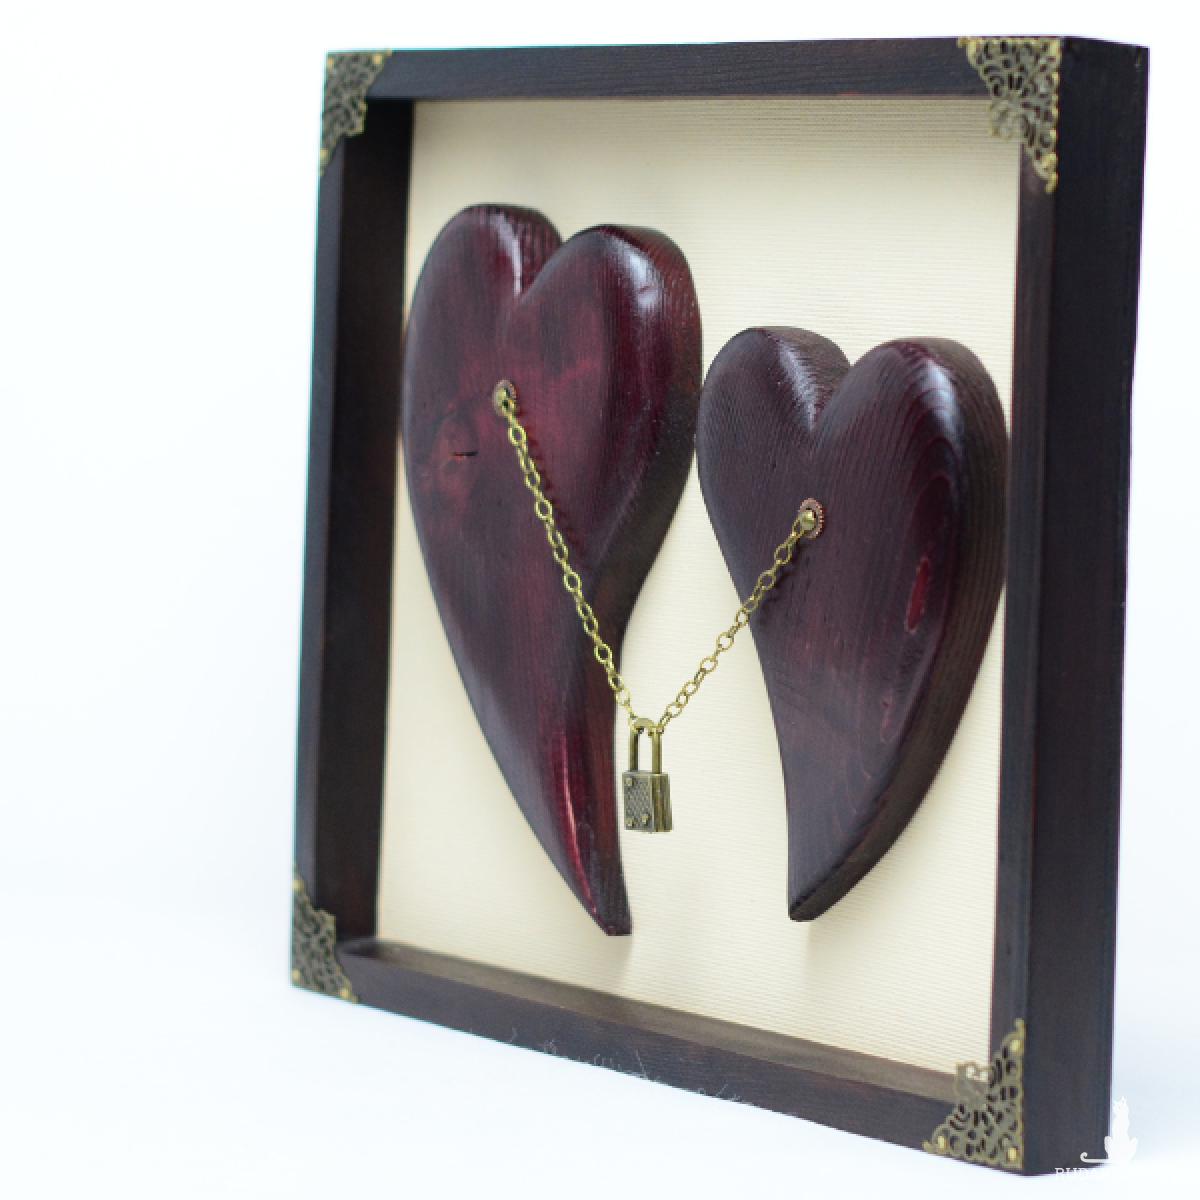 Nierozłączne serca - prezent dla ukochanej osoby.